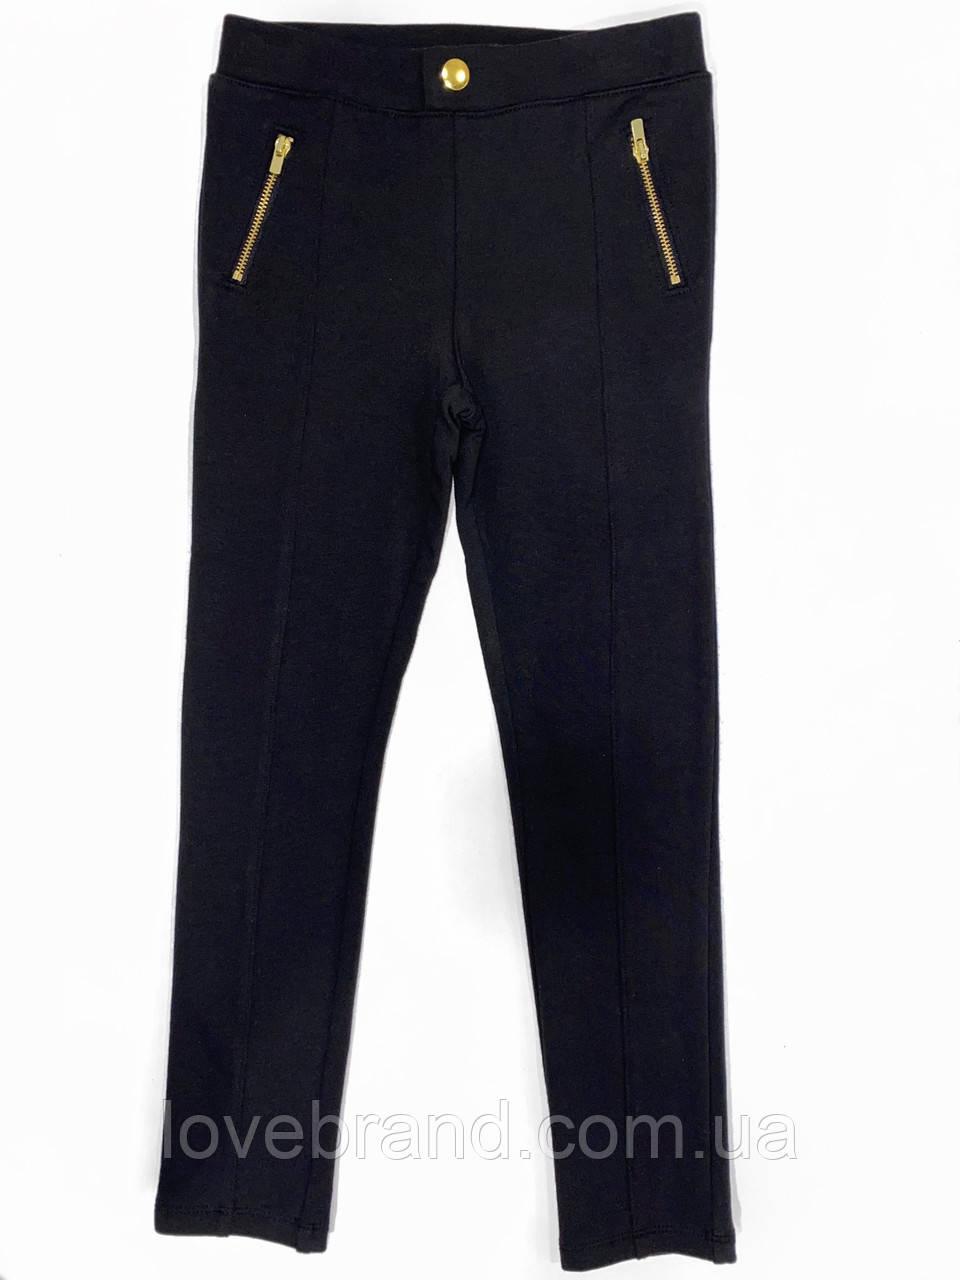 Треггинсы для девочки H&M в черном цвете в школу ейч енд ем 6-7 лет/122 см